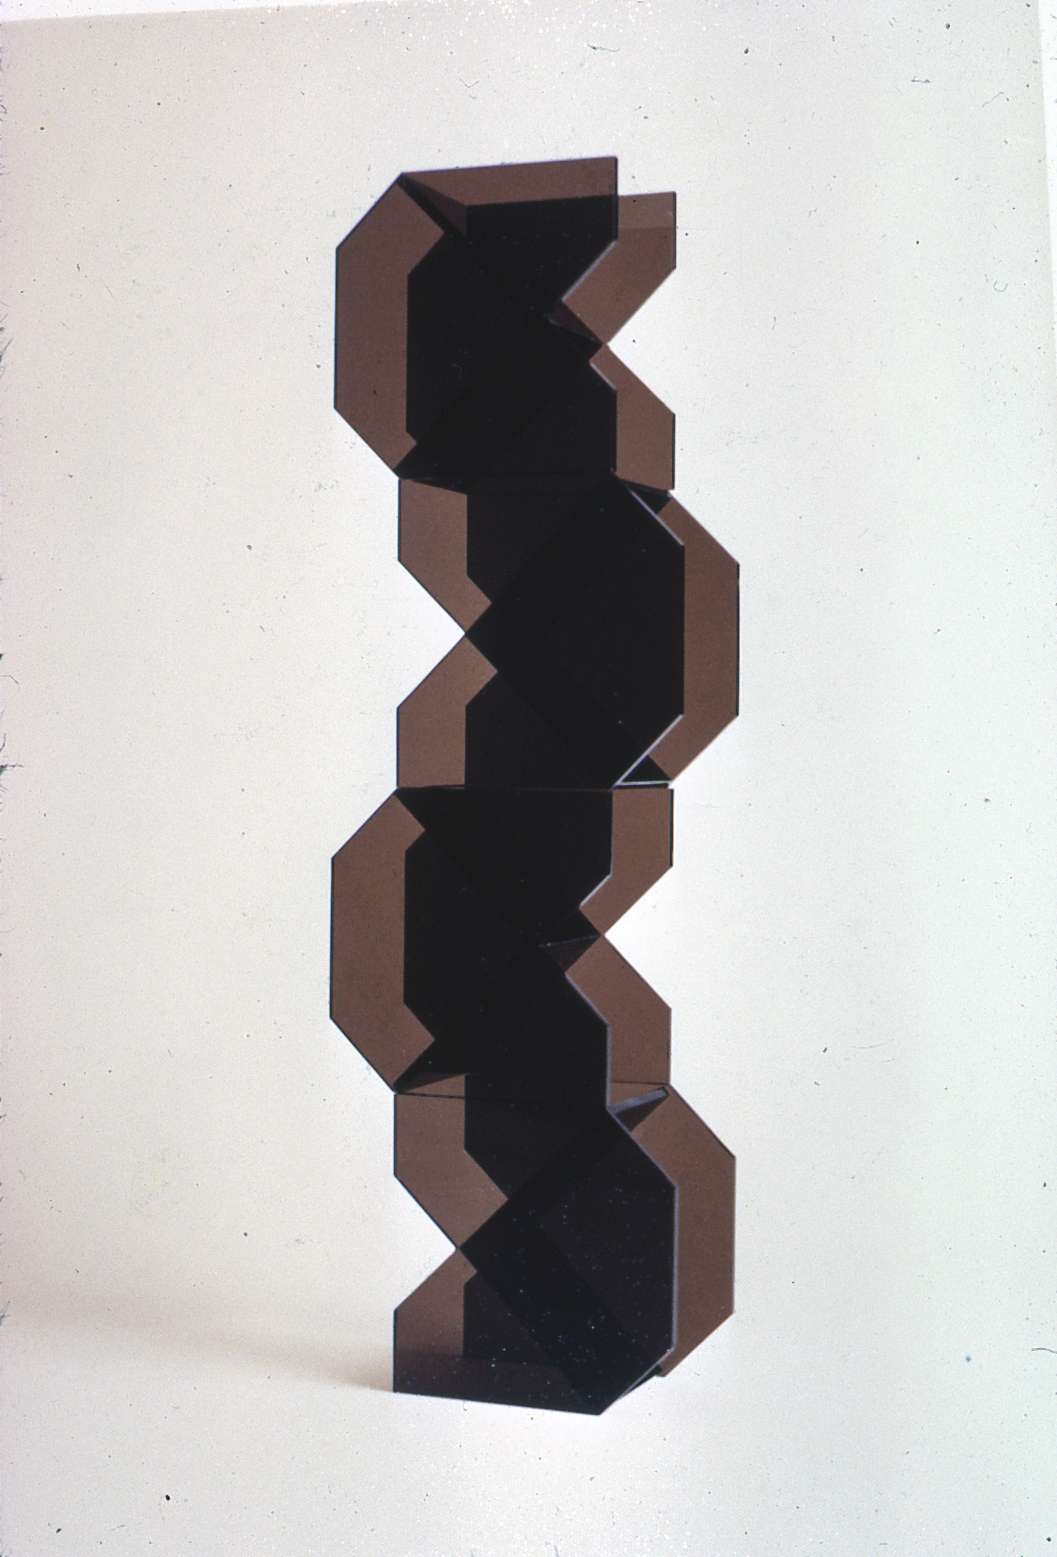 Untitled plexiglas 8%22 x 15%22 x 90%22 1975.jpg